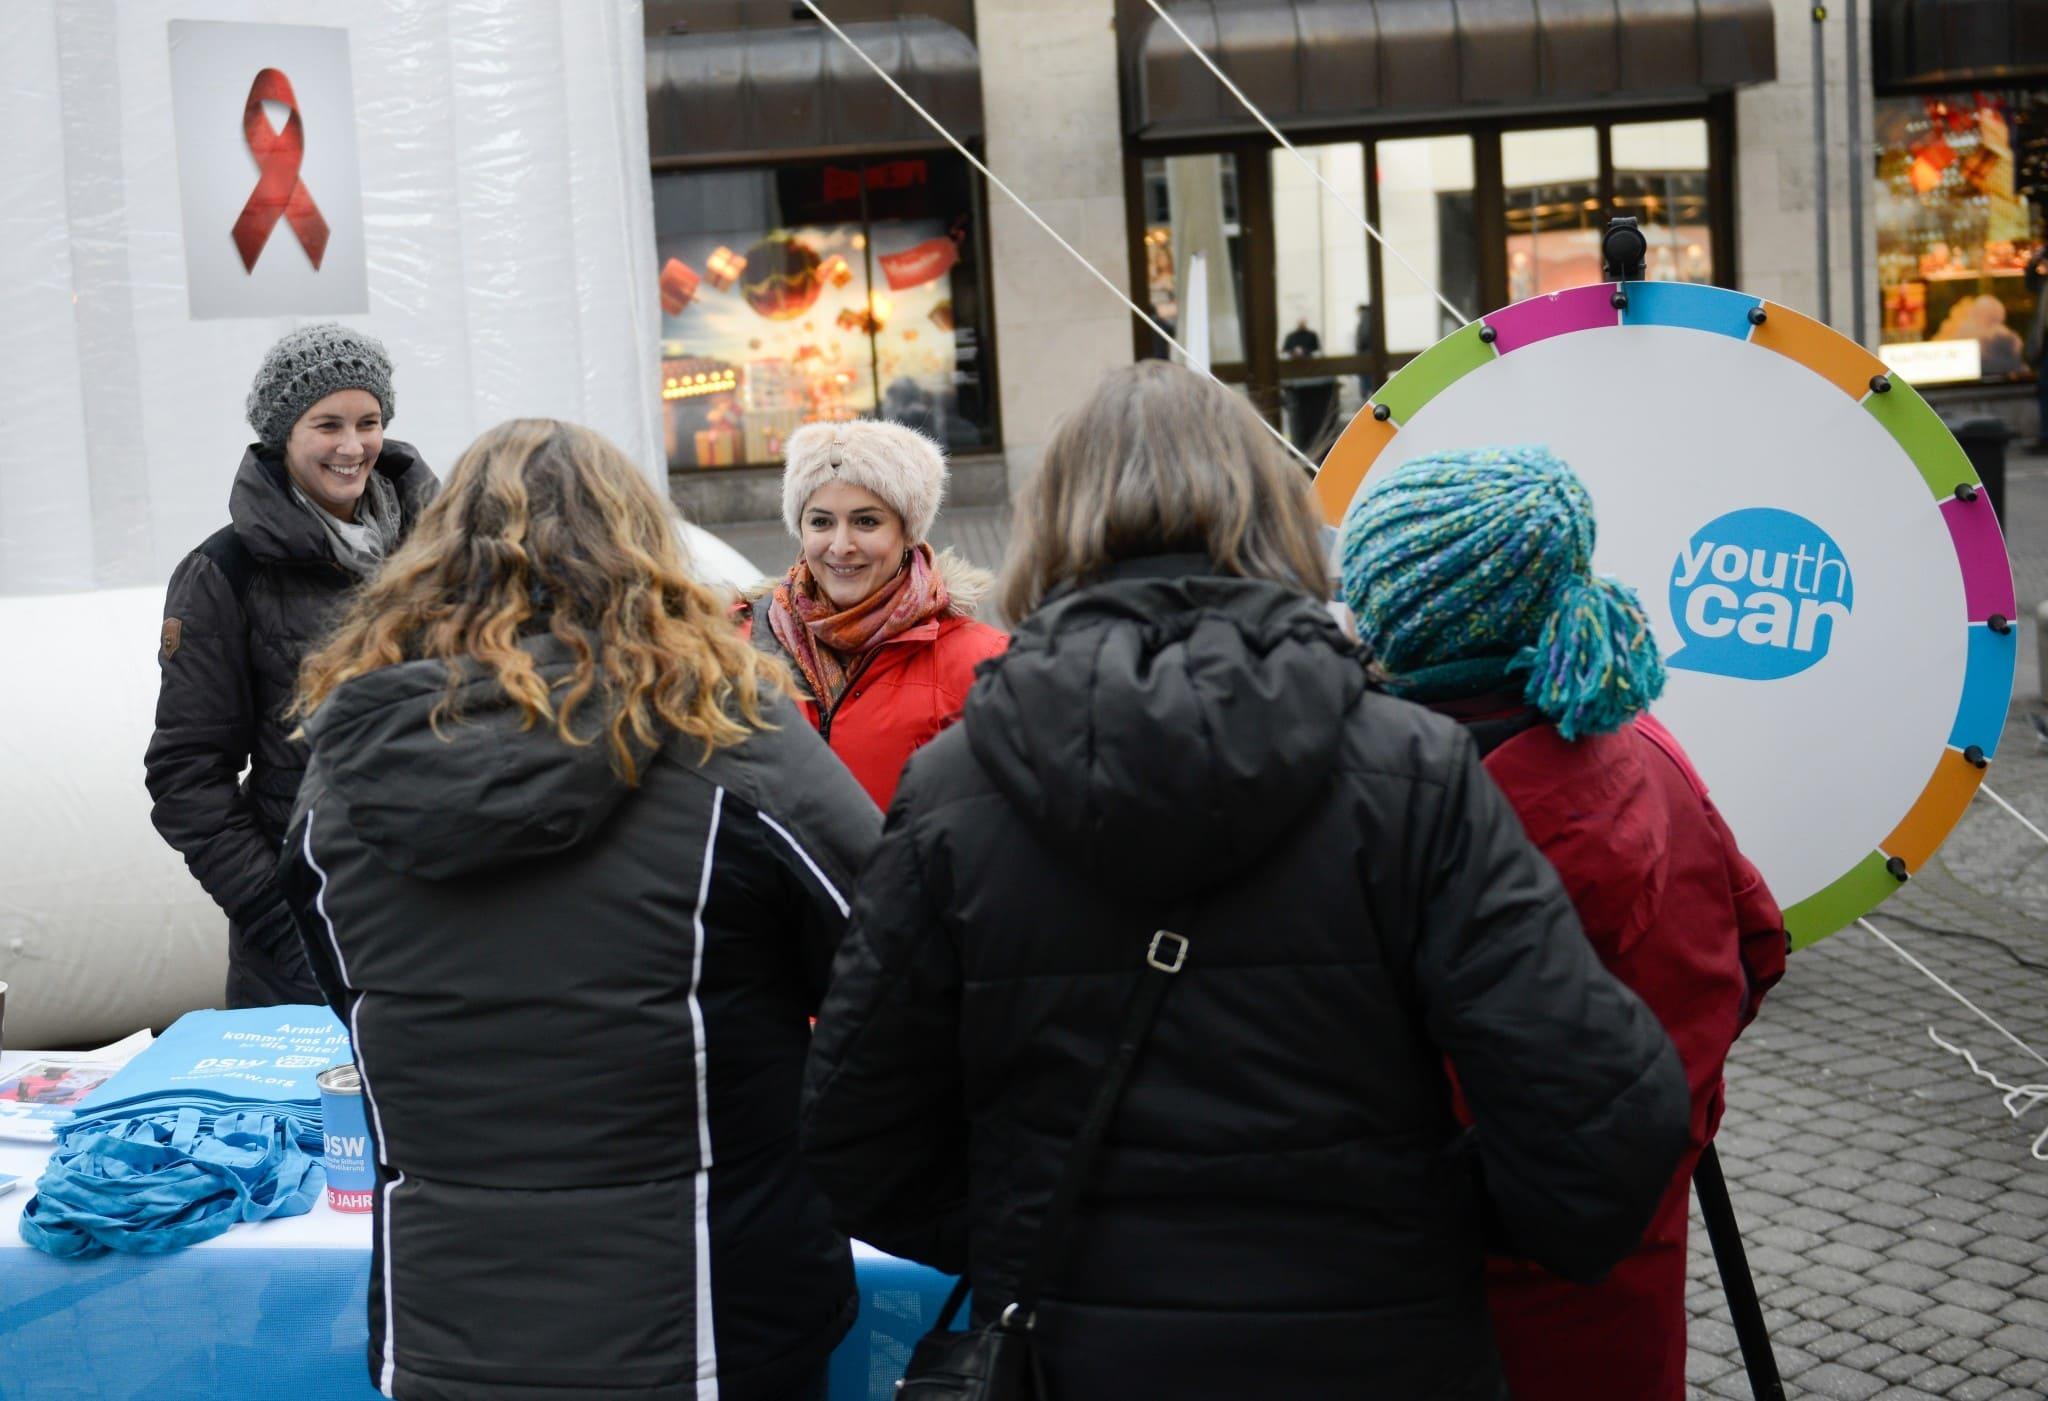 Riesen-Kondom der DSW zum Welt-Aids-Tag 2016 in der Kölner Innenstadt